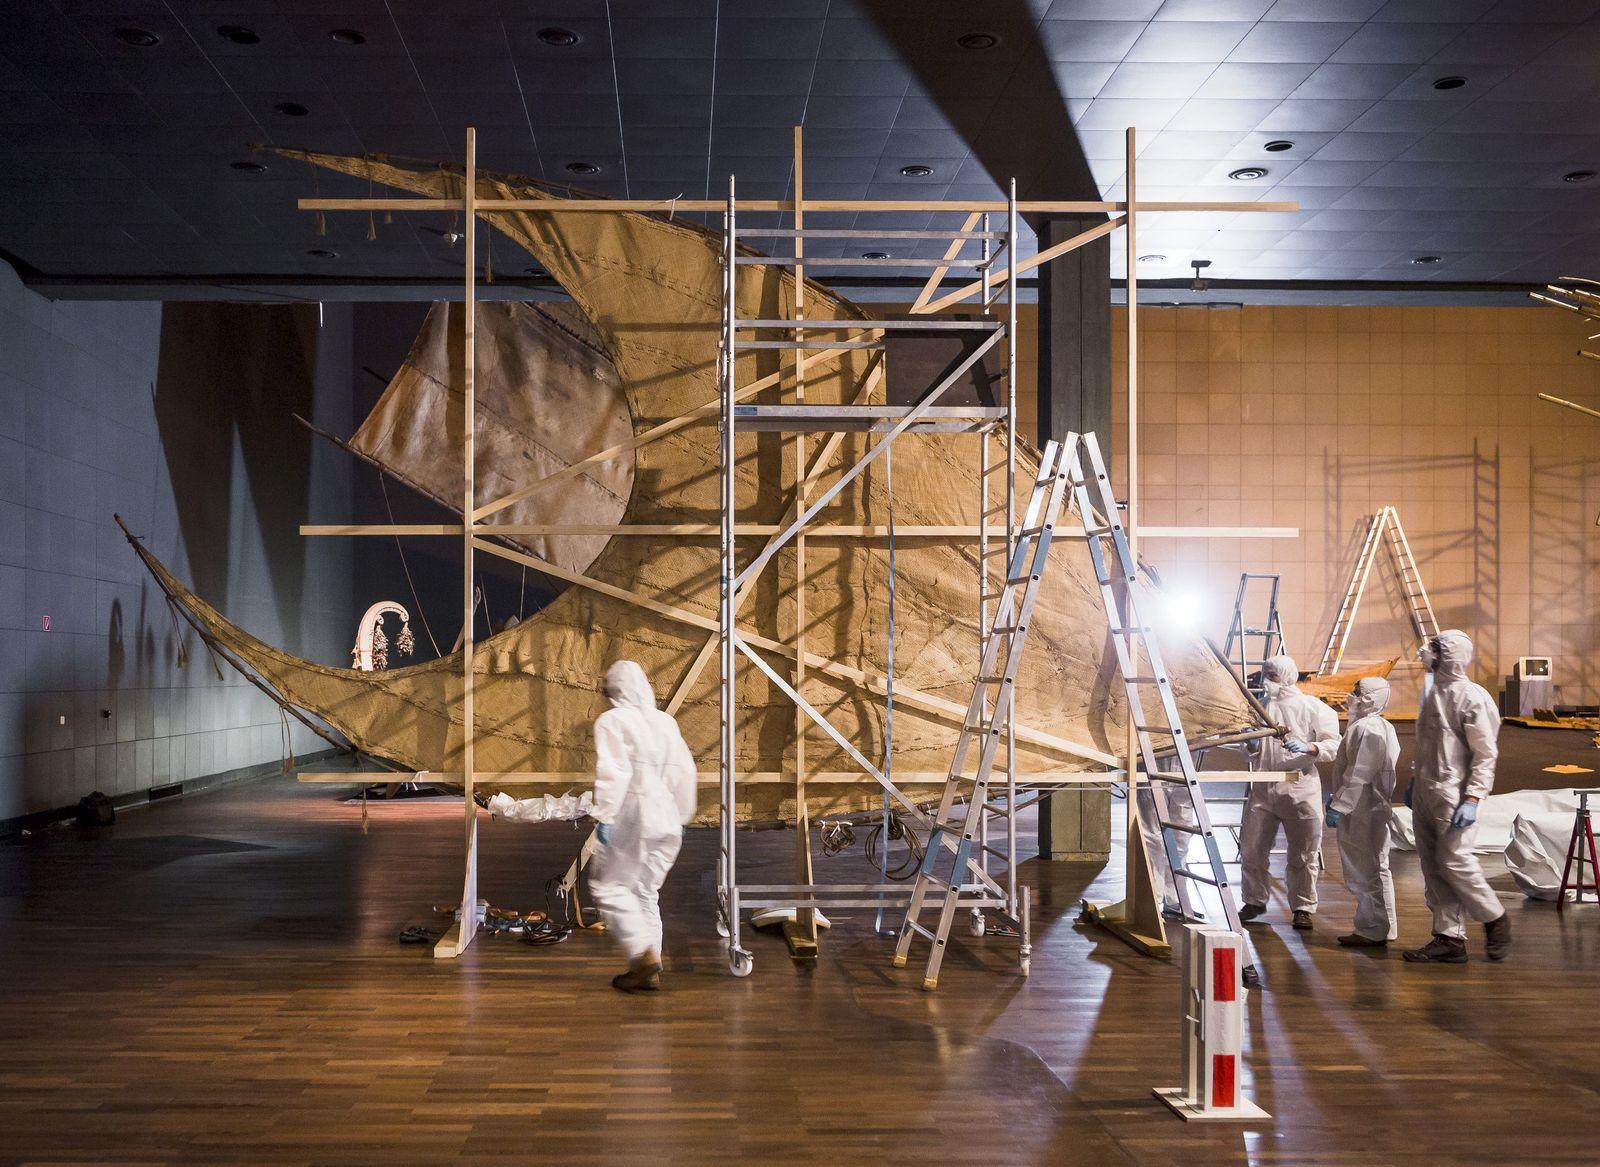 Abbau der Südseeboote im Ethnologischen Museum. Foto: Staatliche Museen zu Berlin / David von Becker